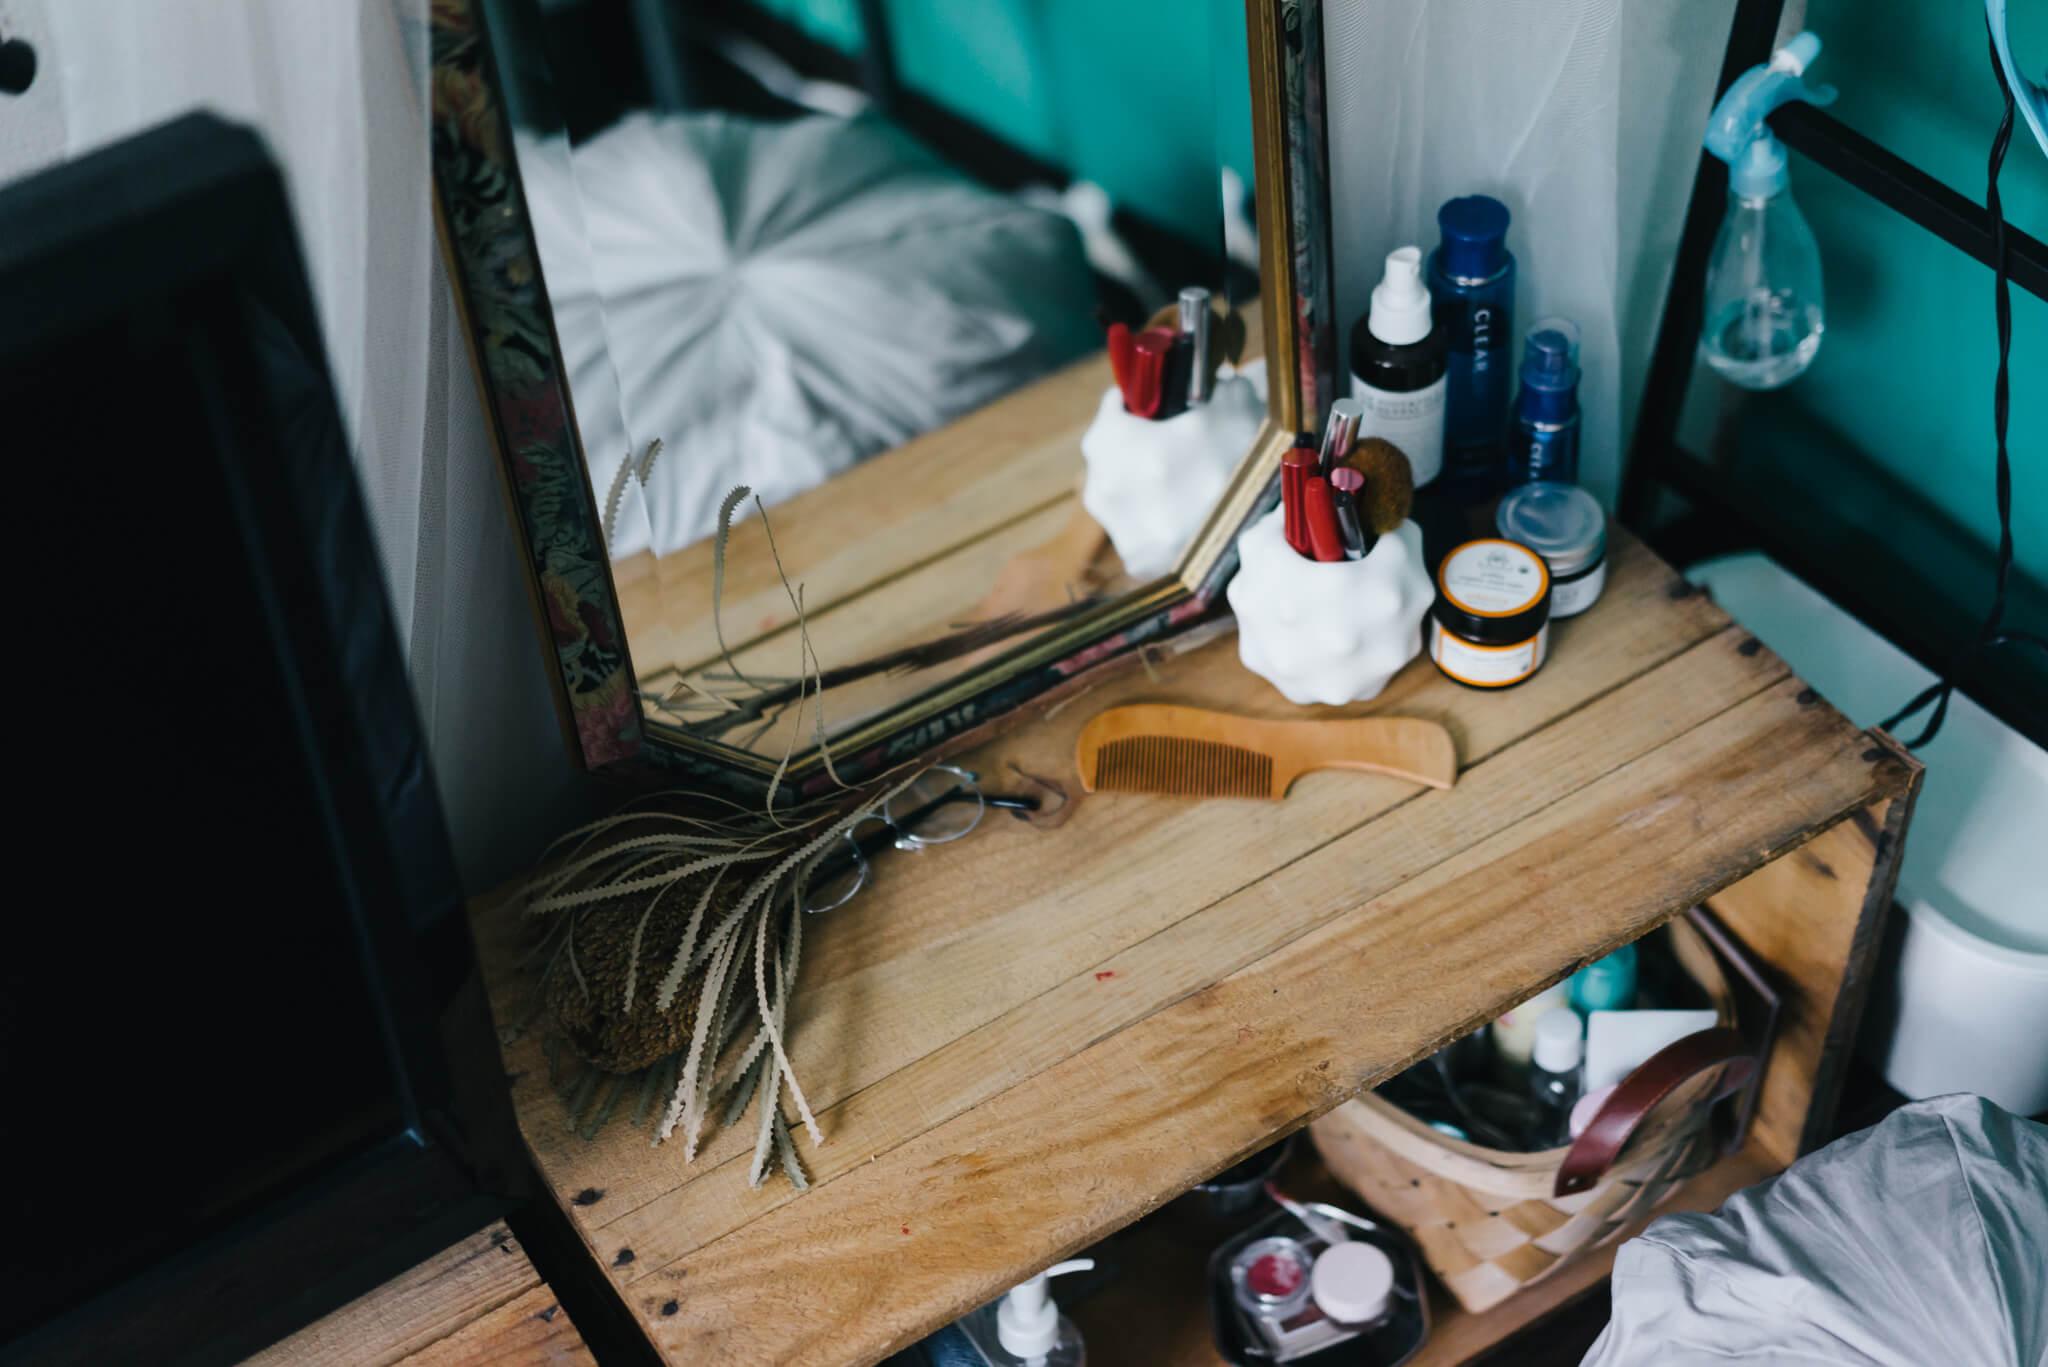 上に鏡を置き、ドレッサーがわりに使われていたのは、木のりんご箱。